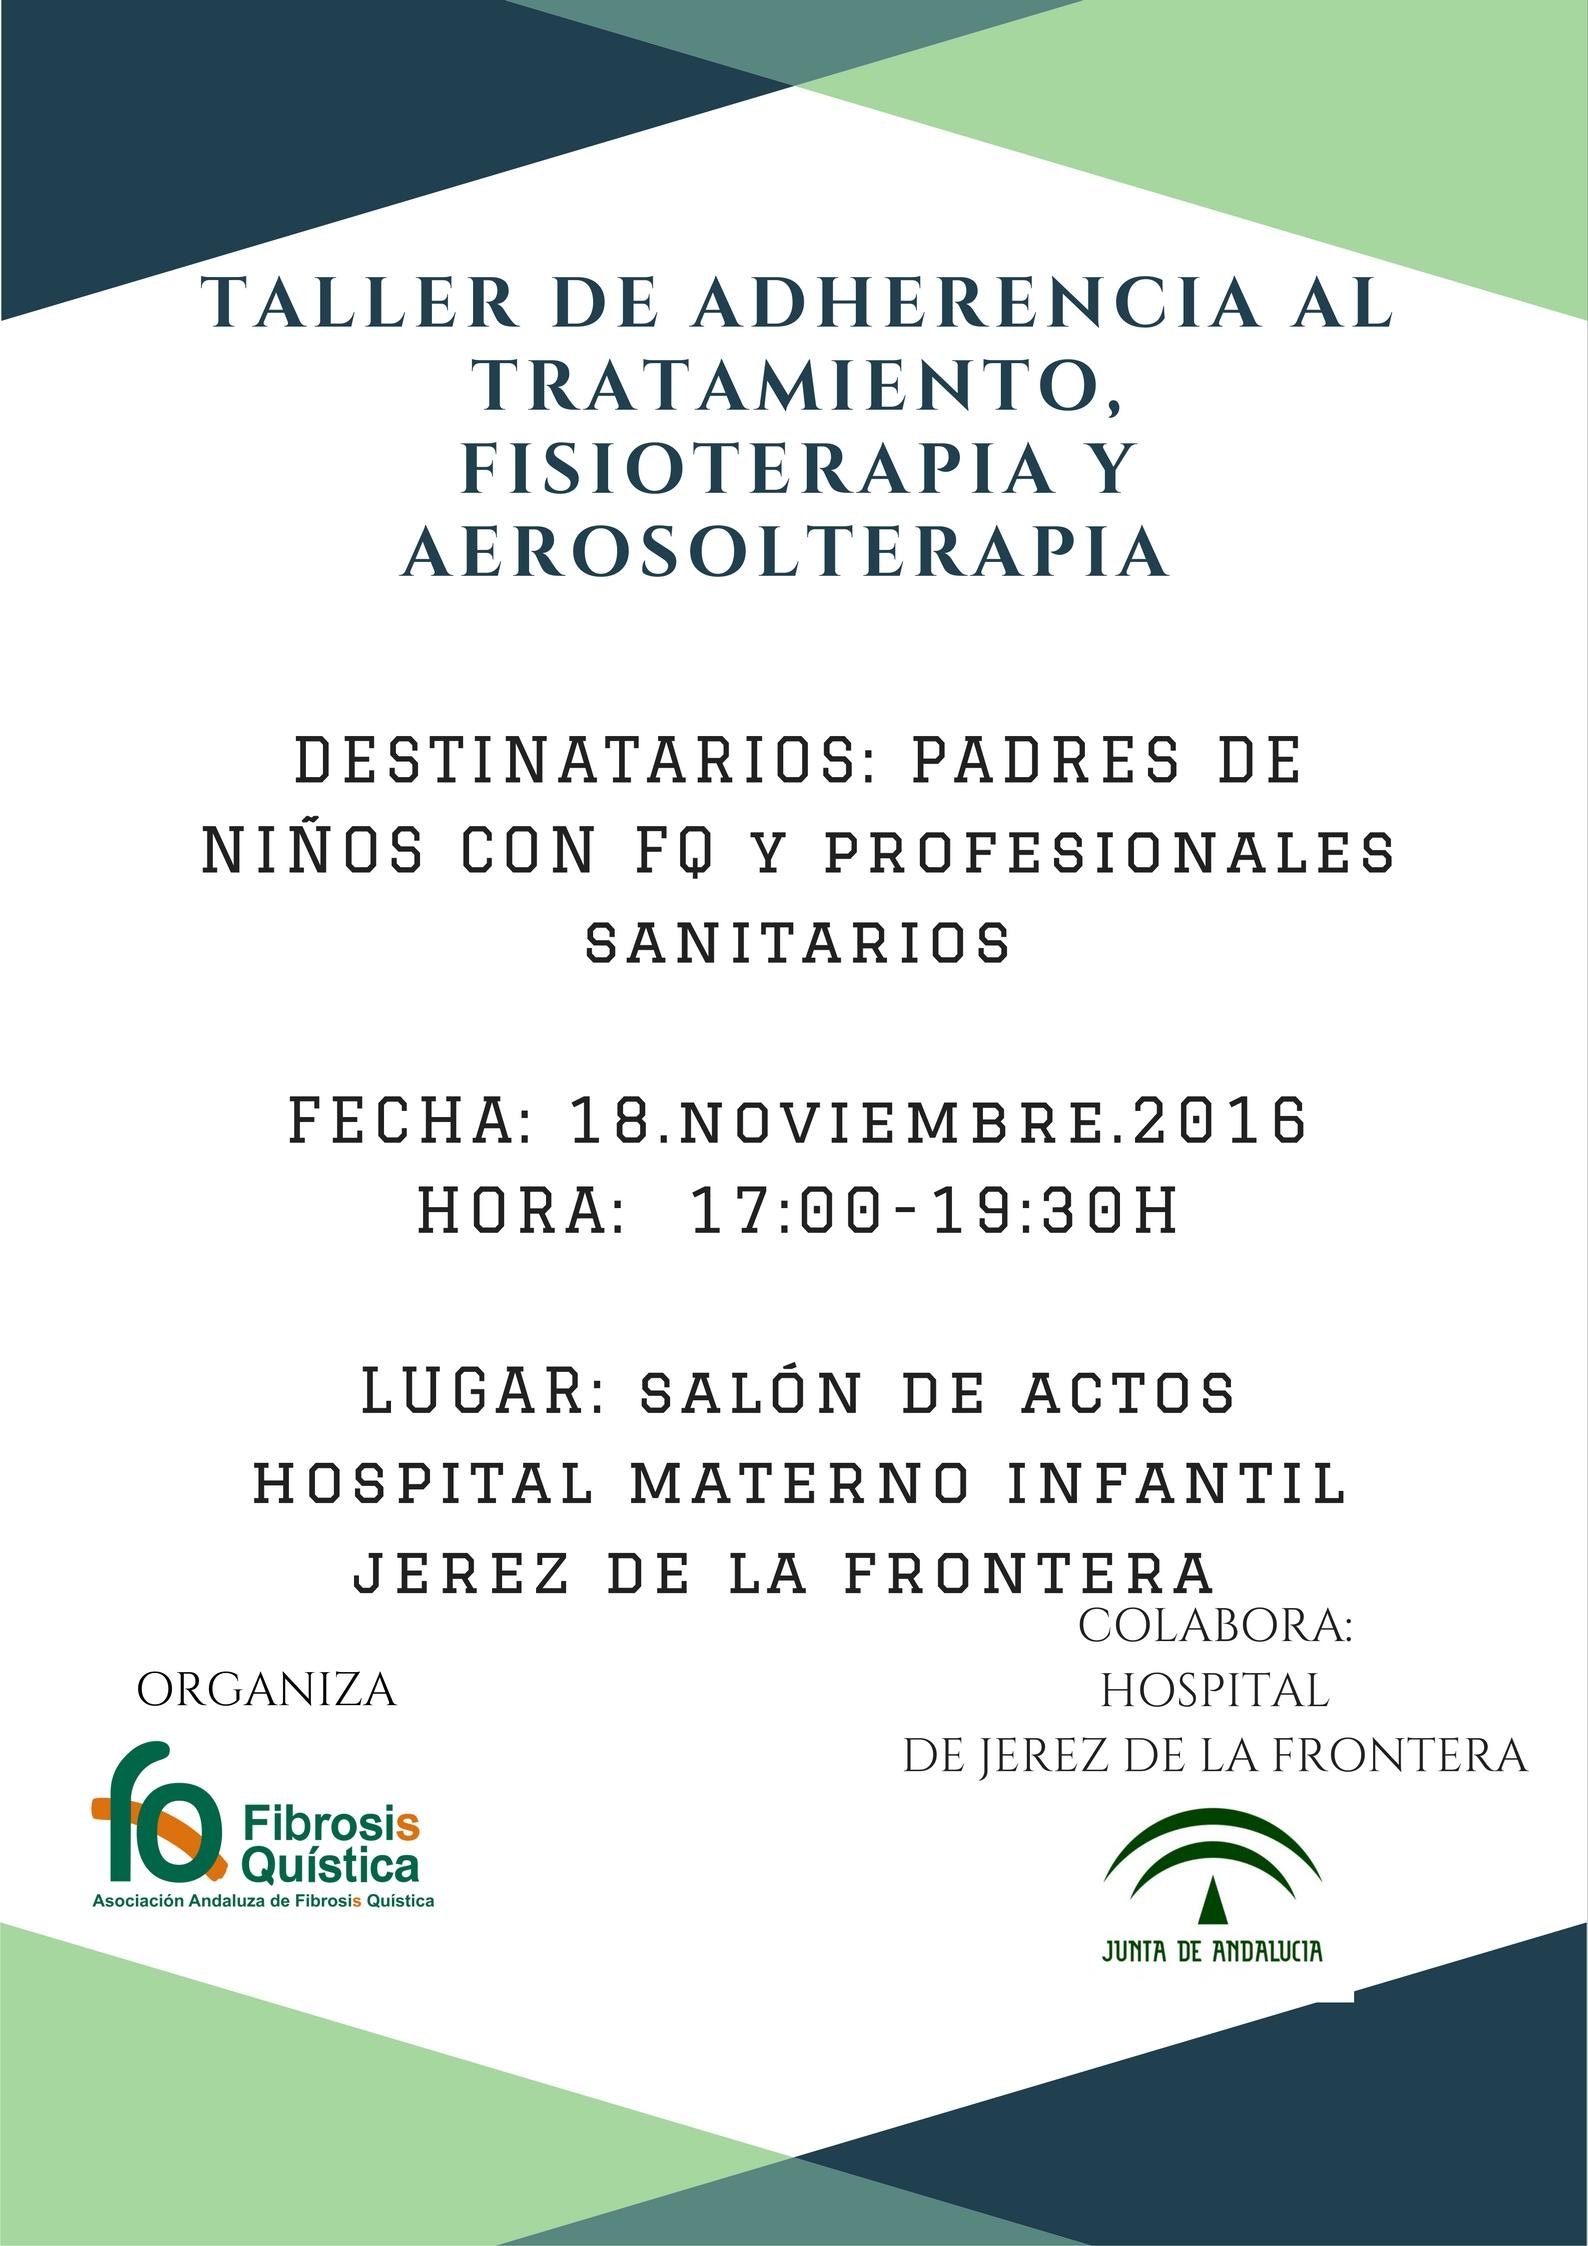 TALLER DE ADHERENCIA AL TRATAMIENTO, FISIOTERAPIA Y AEROSOLTERAPIA.